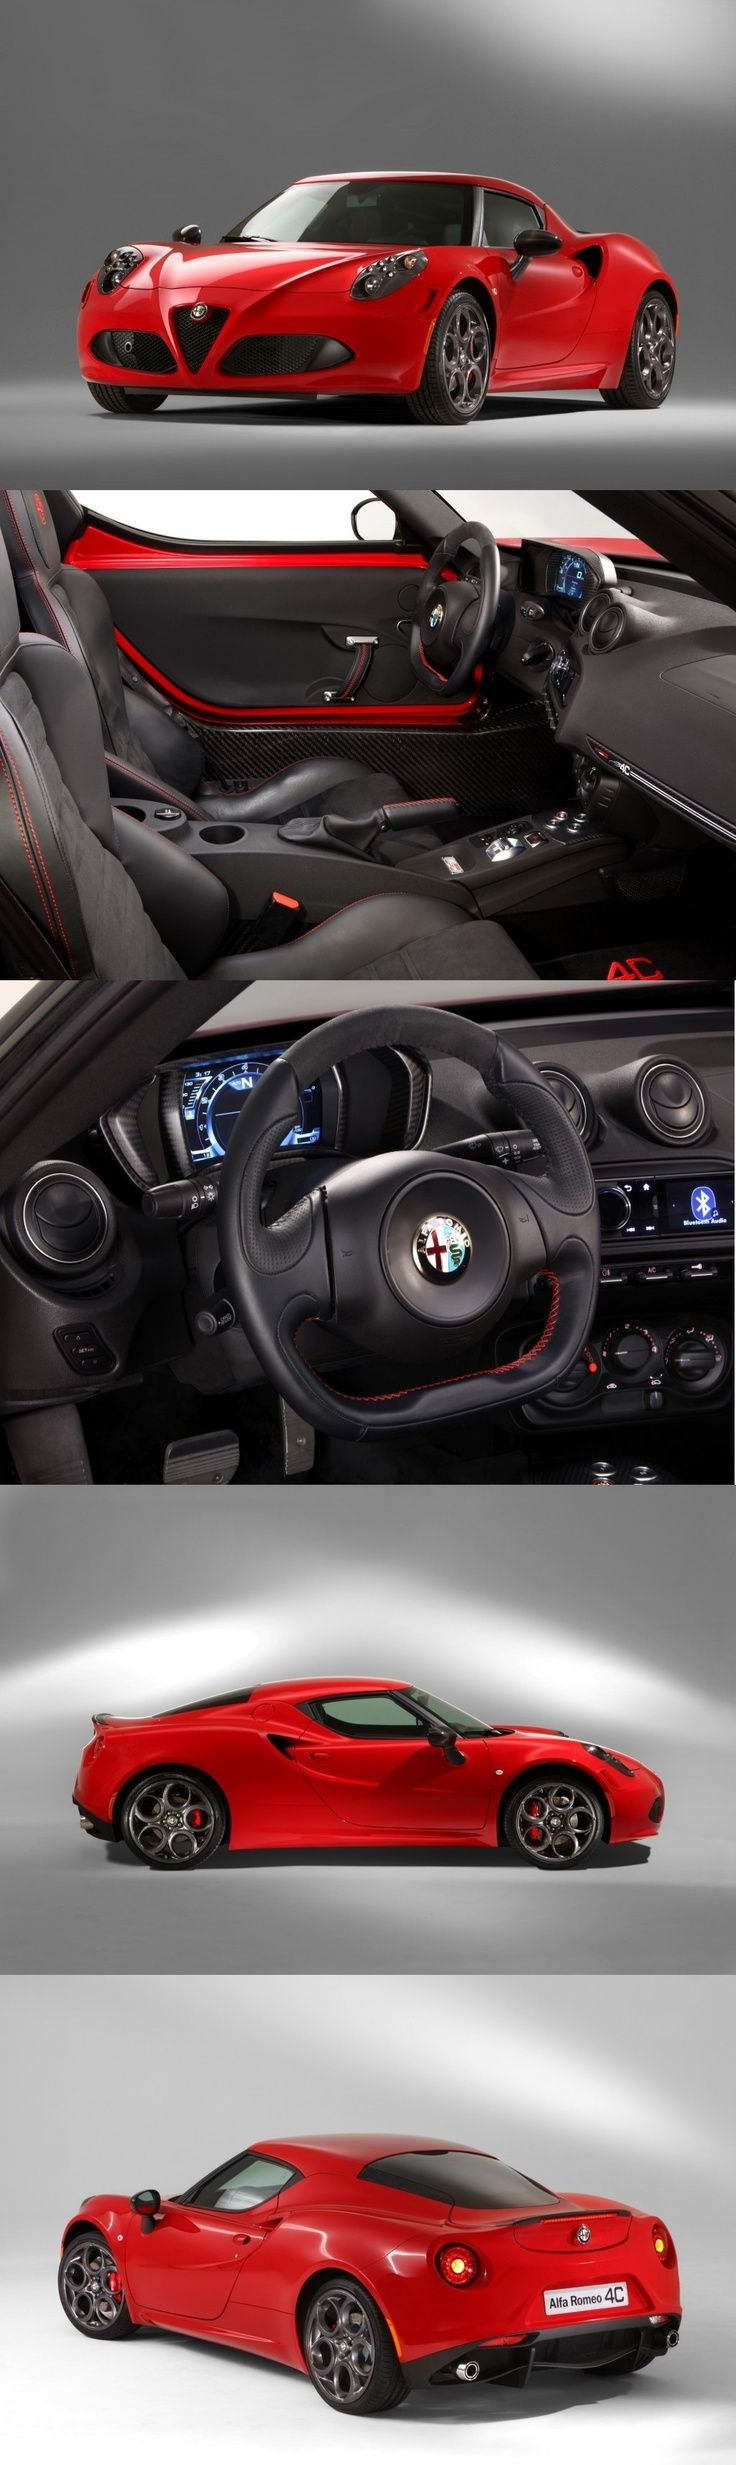 Hermoso Alfa Romeo. ¿Anonadados también? ¡El interior se pasó!